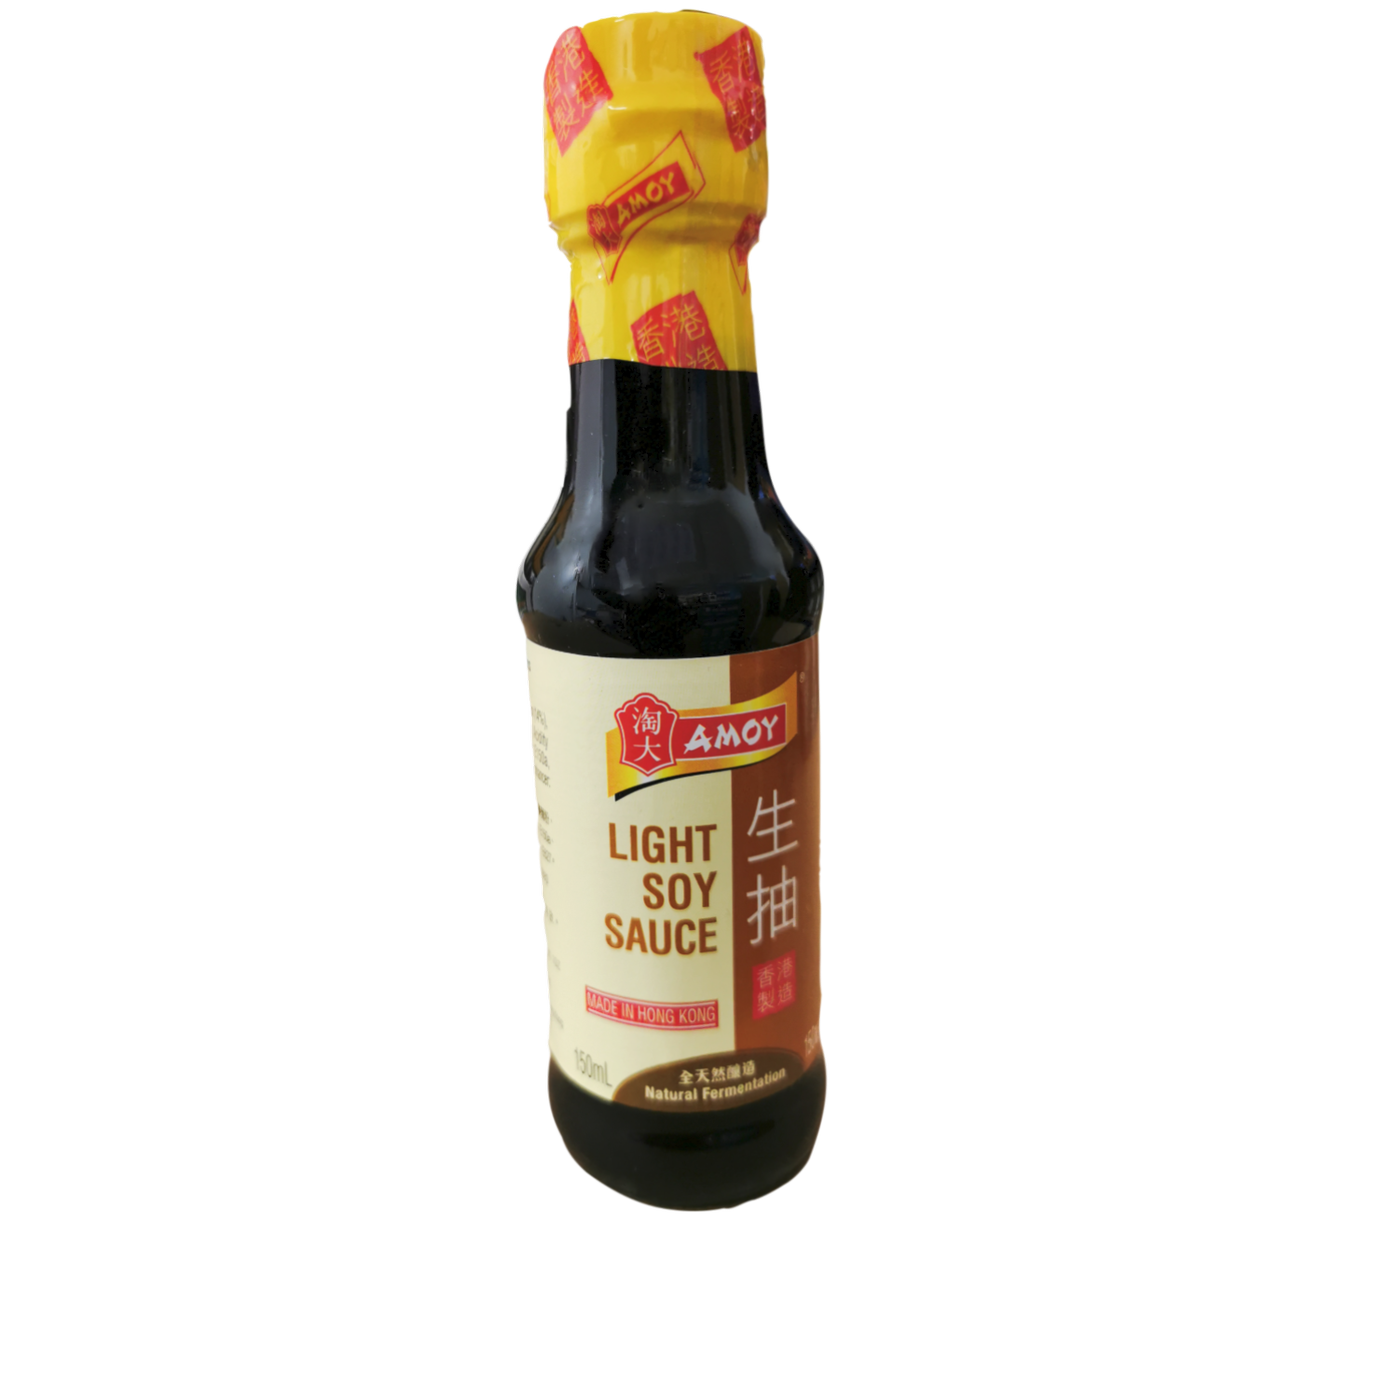 Amoy Light Soy Sauce